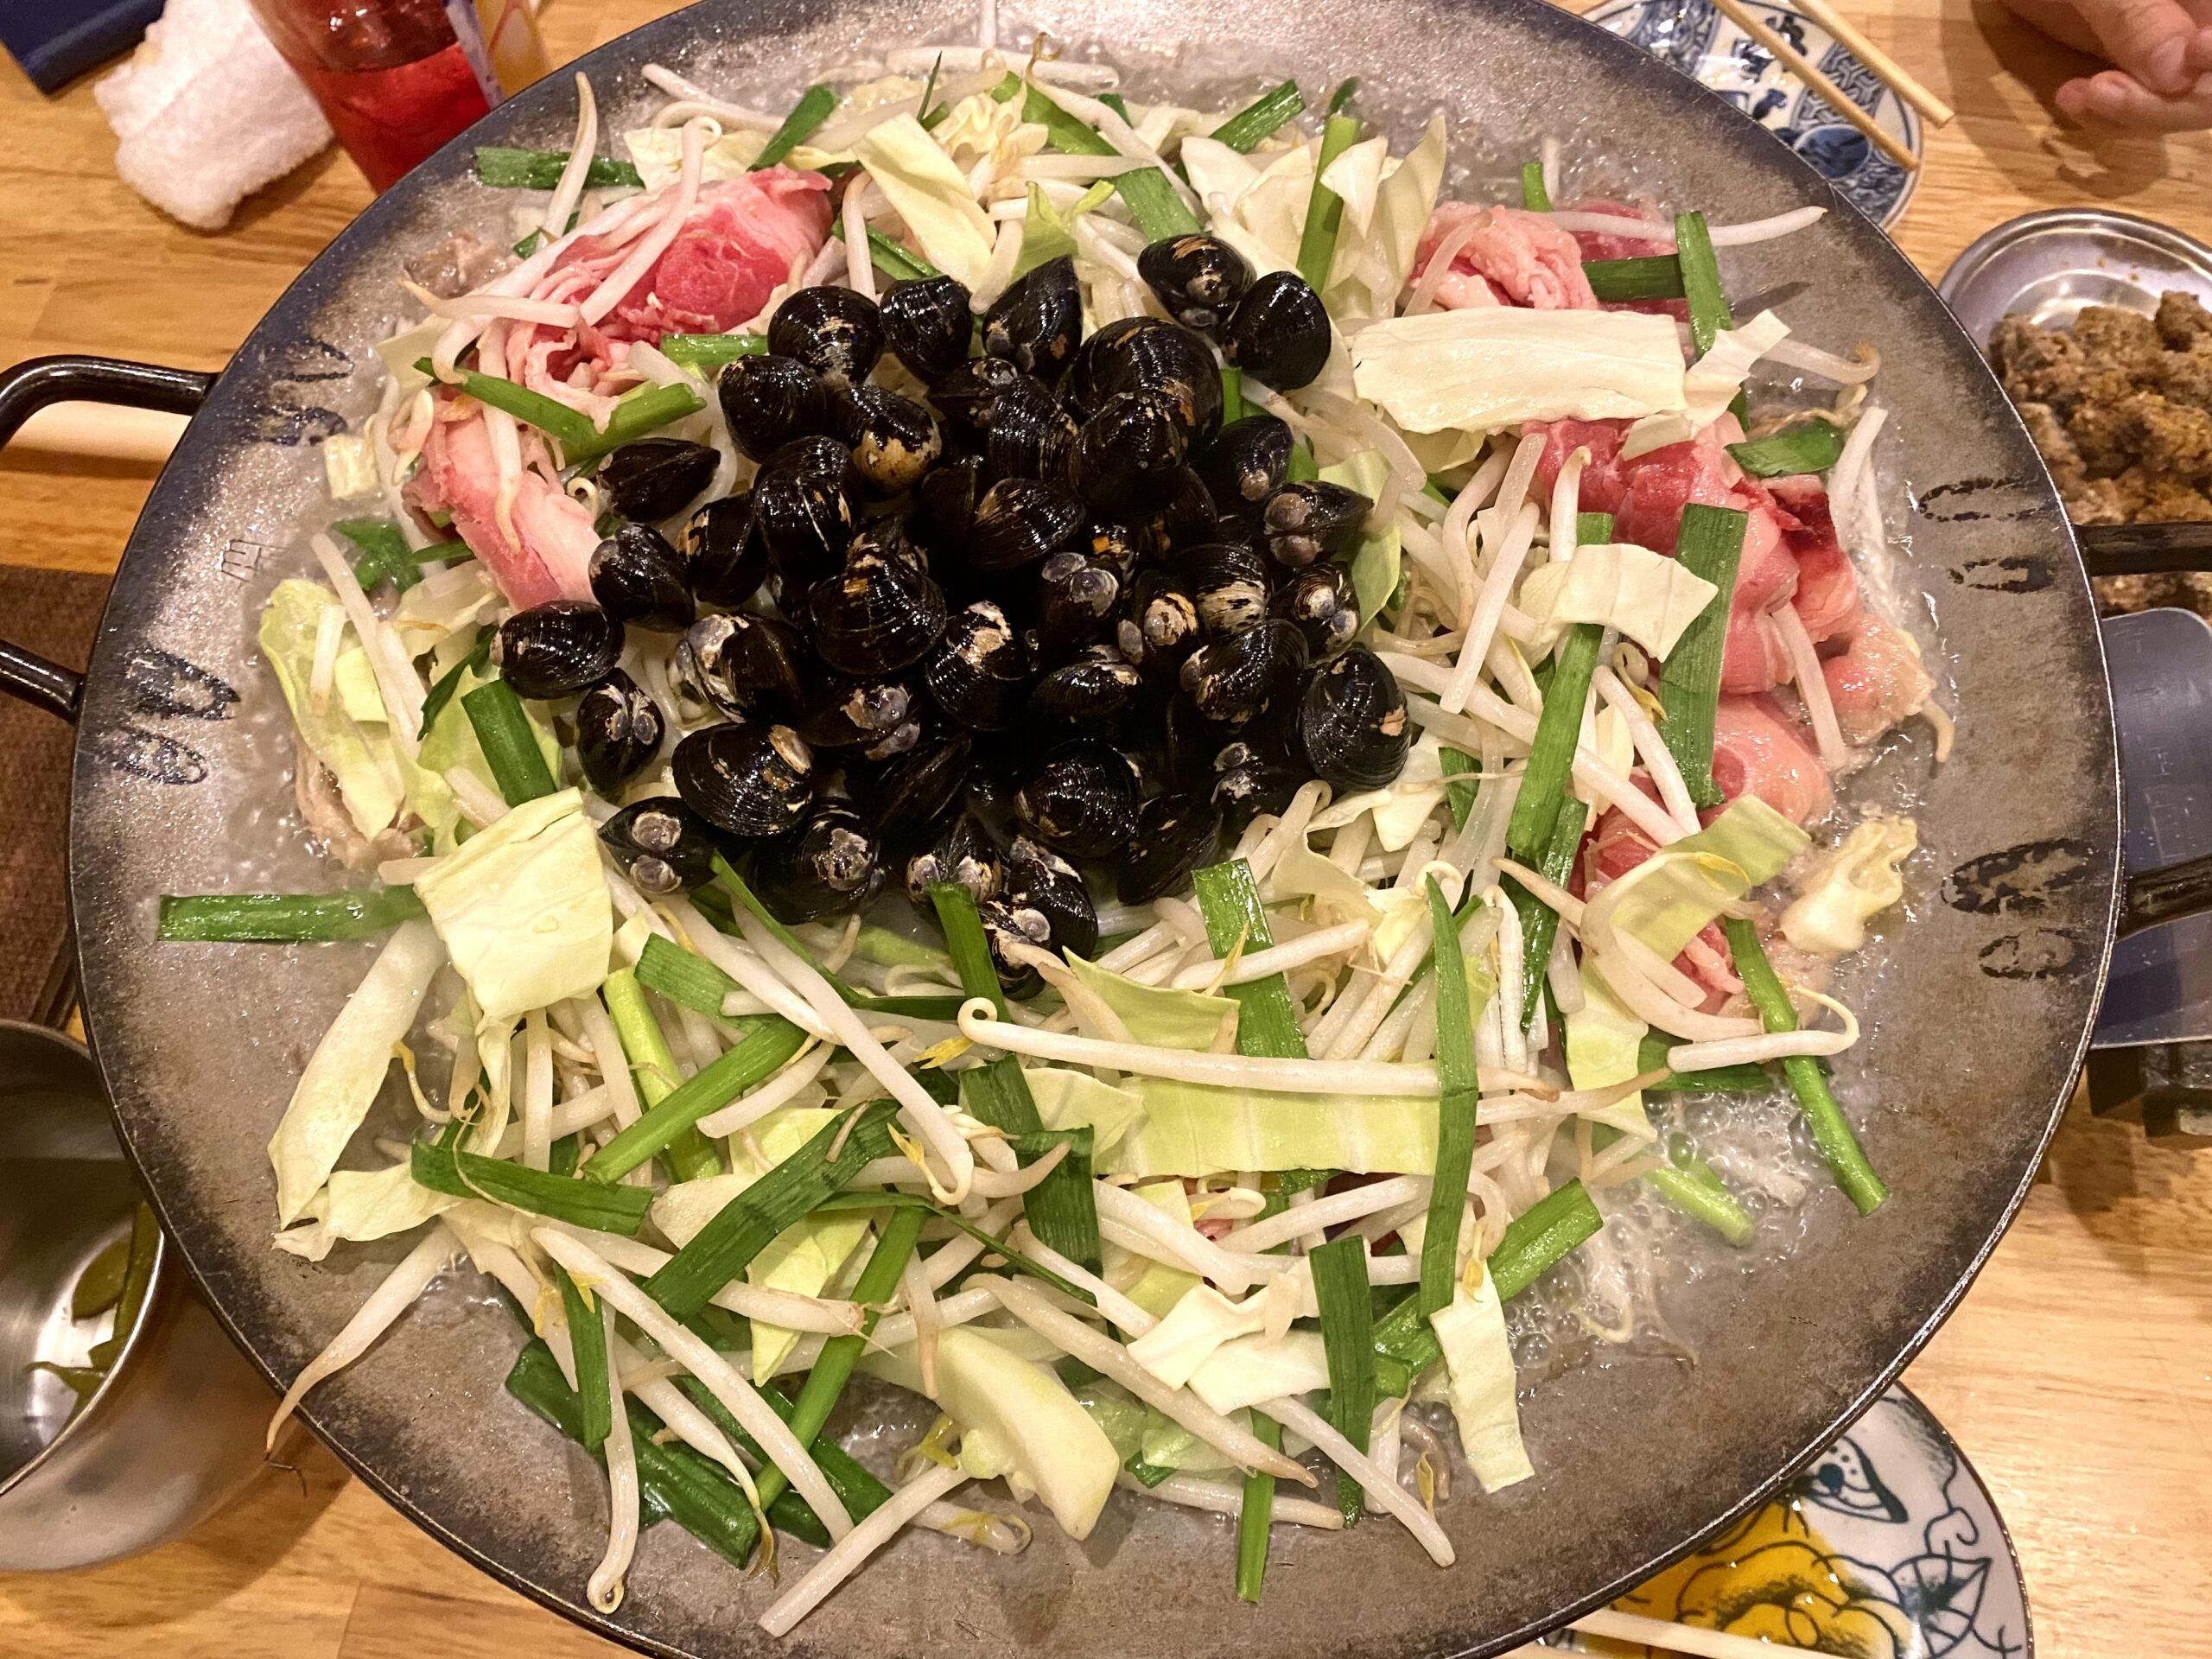 ミナミで他とは違う美味しい鍋を食べたいときは『しじみ炊き肉 くにき』が良いと思います【心斎橋】